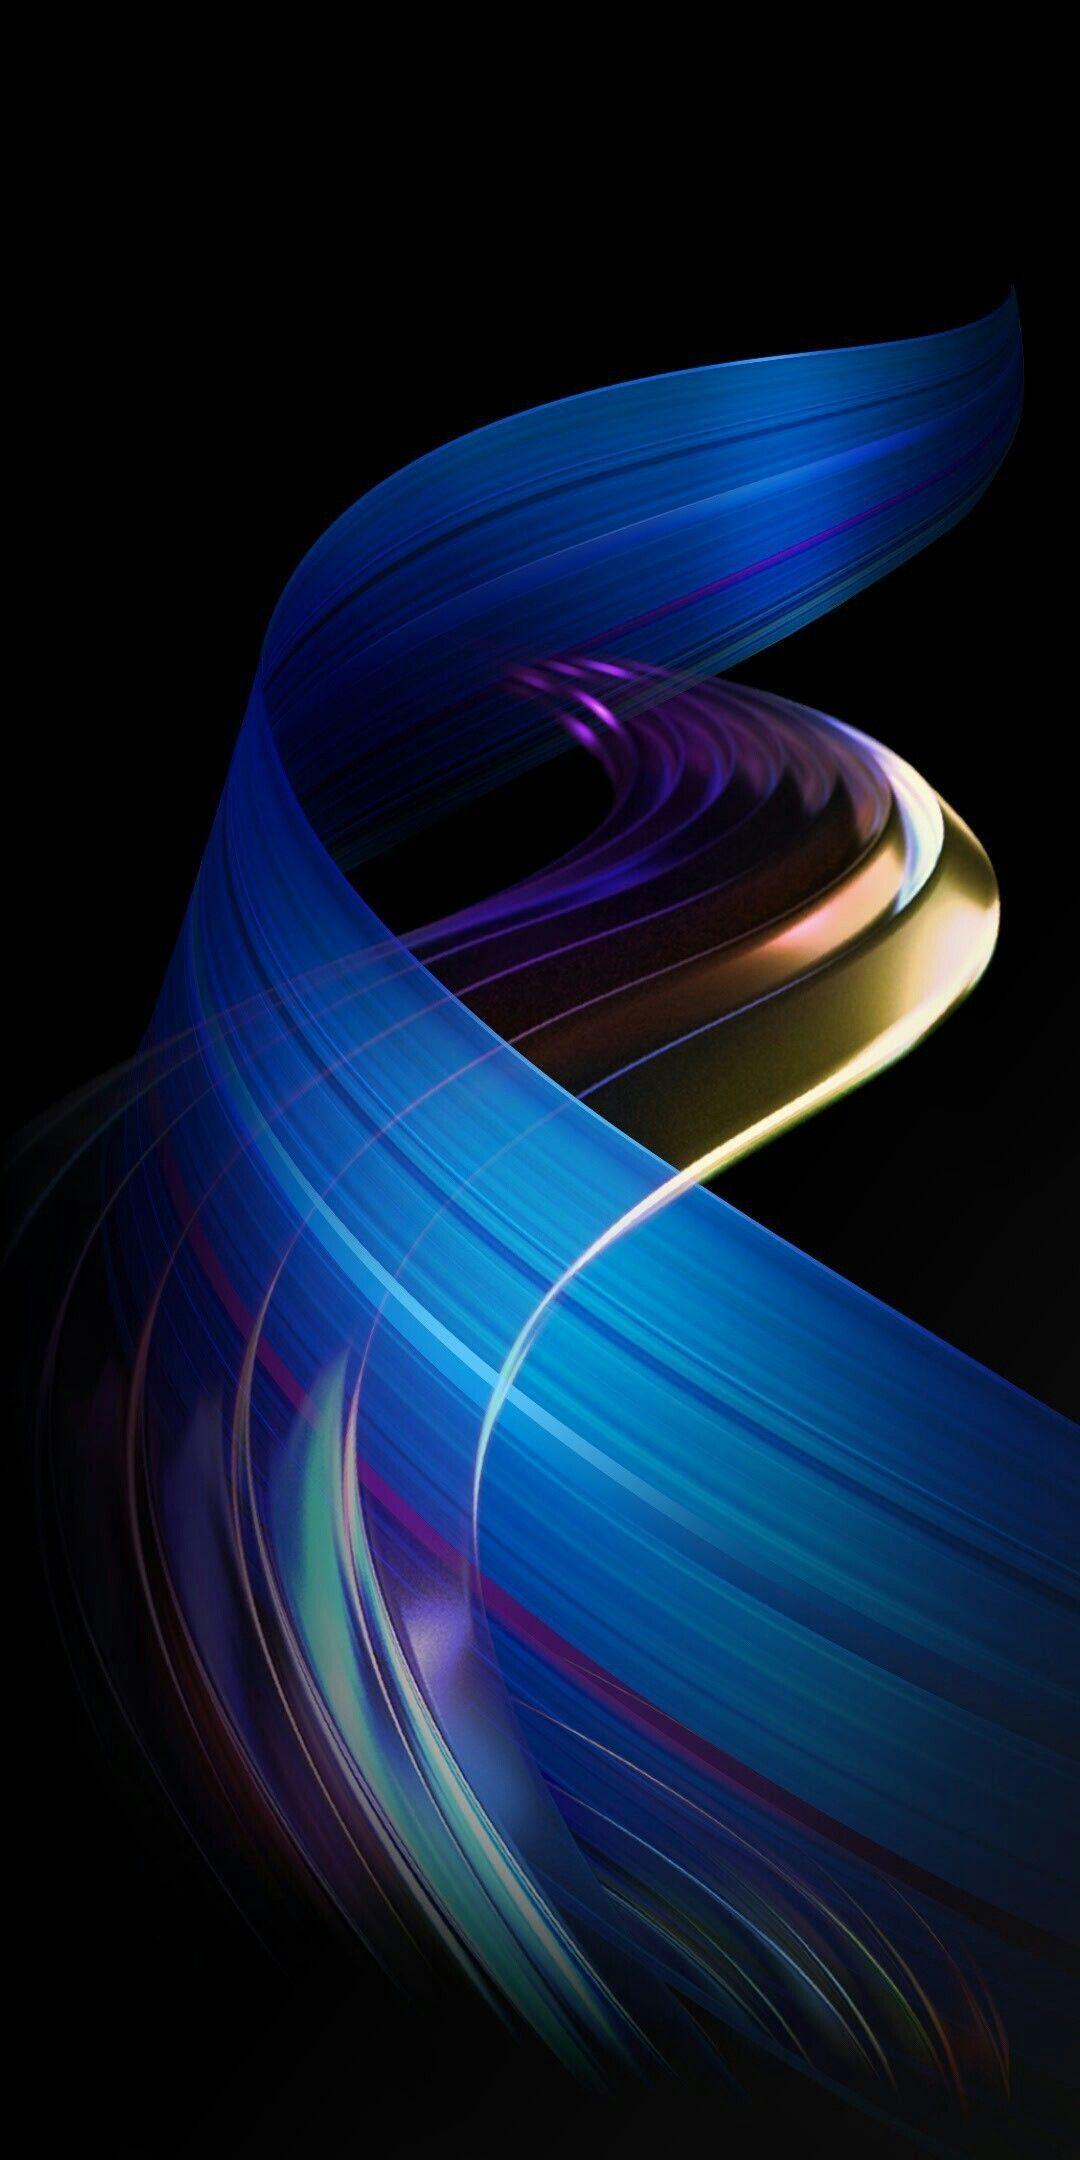 Fonds d'écran Huawei Maté 10 Pro in 2020 Huawei